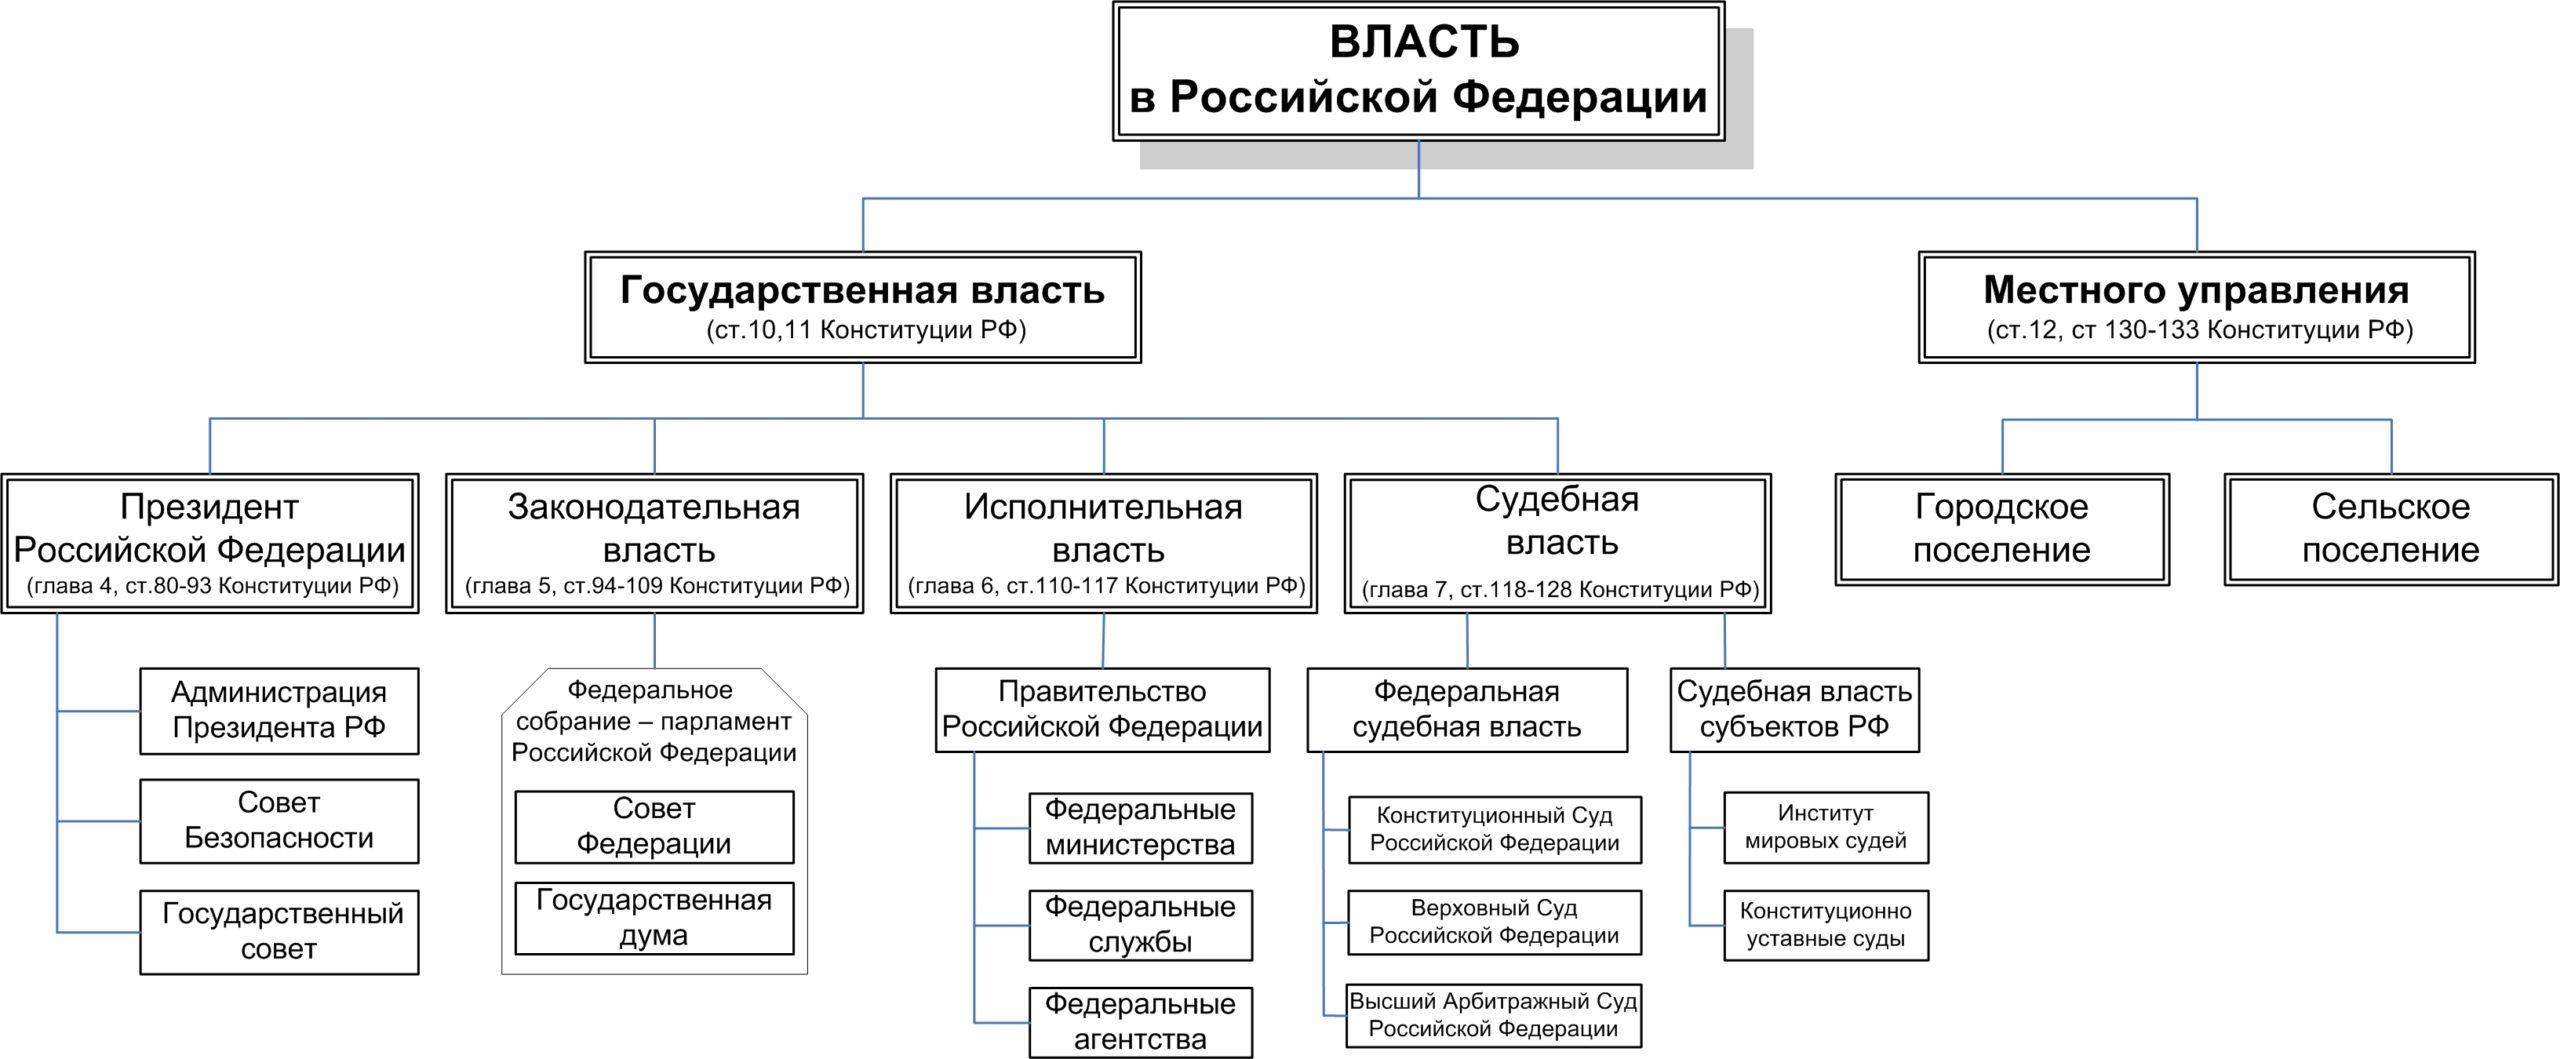 Демократическая система органов власти